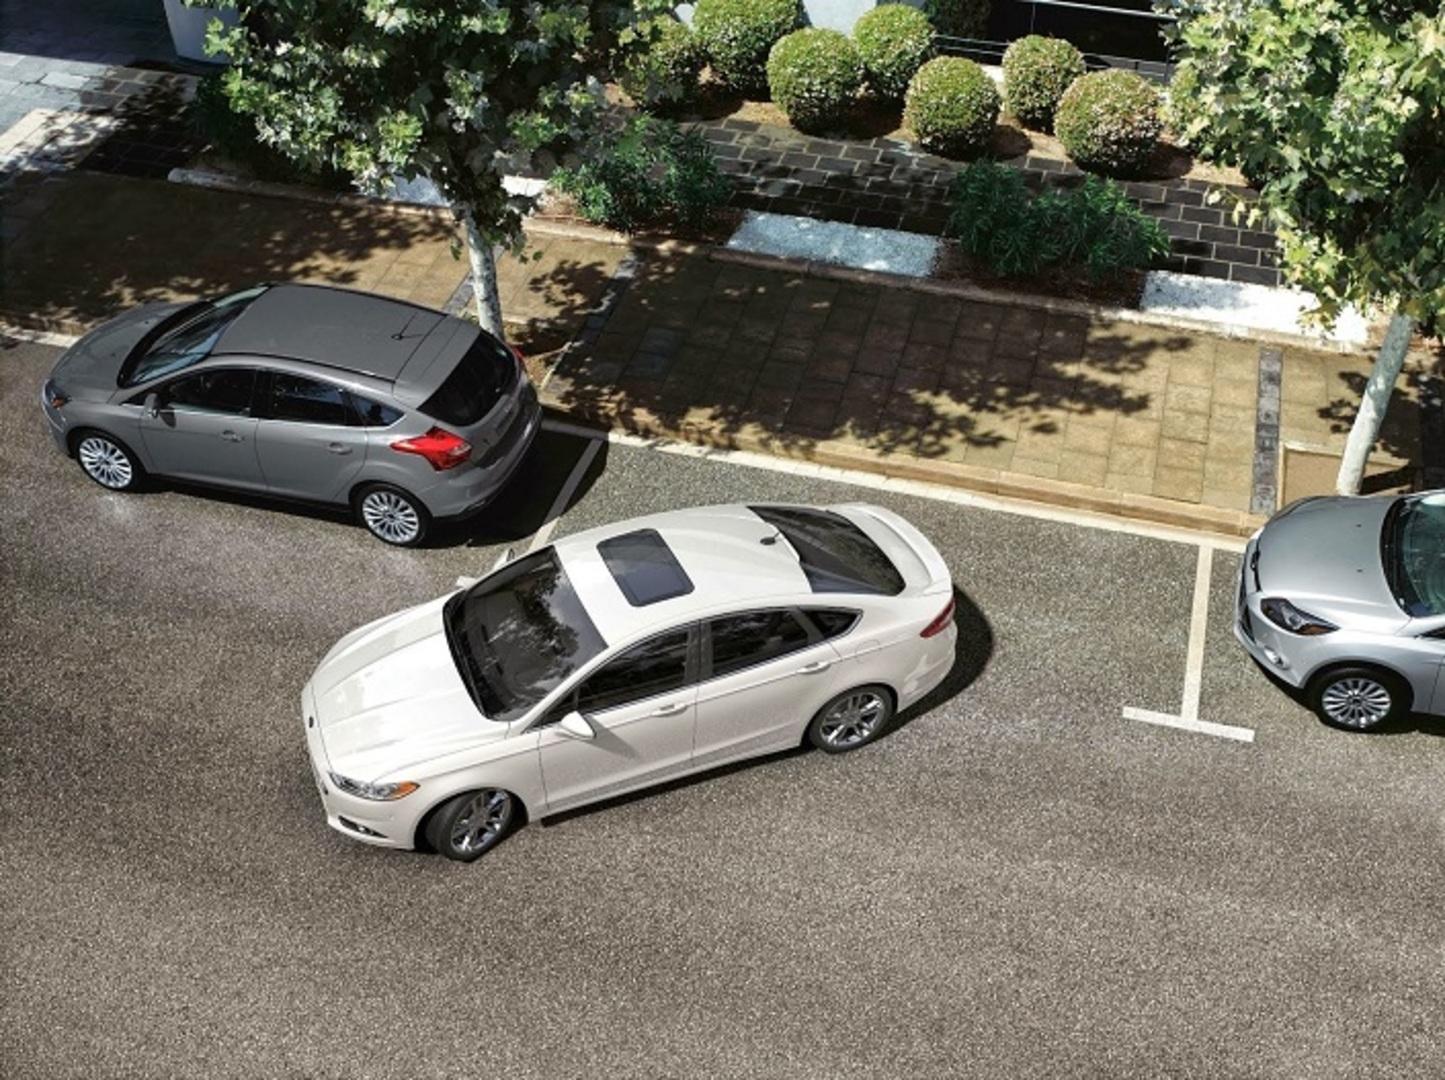 Parking a Car